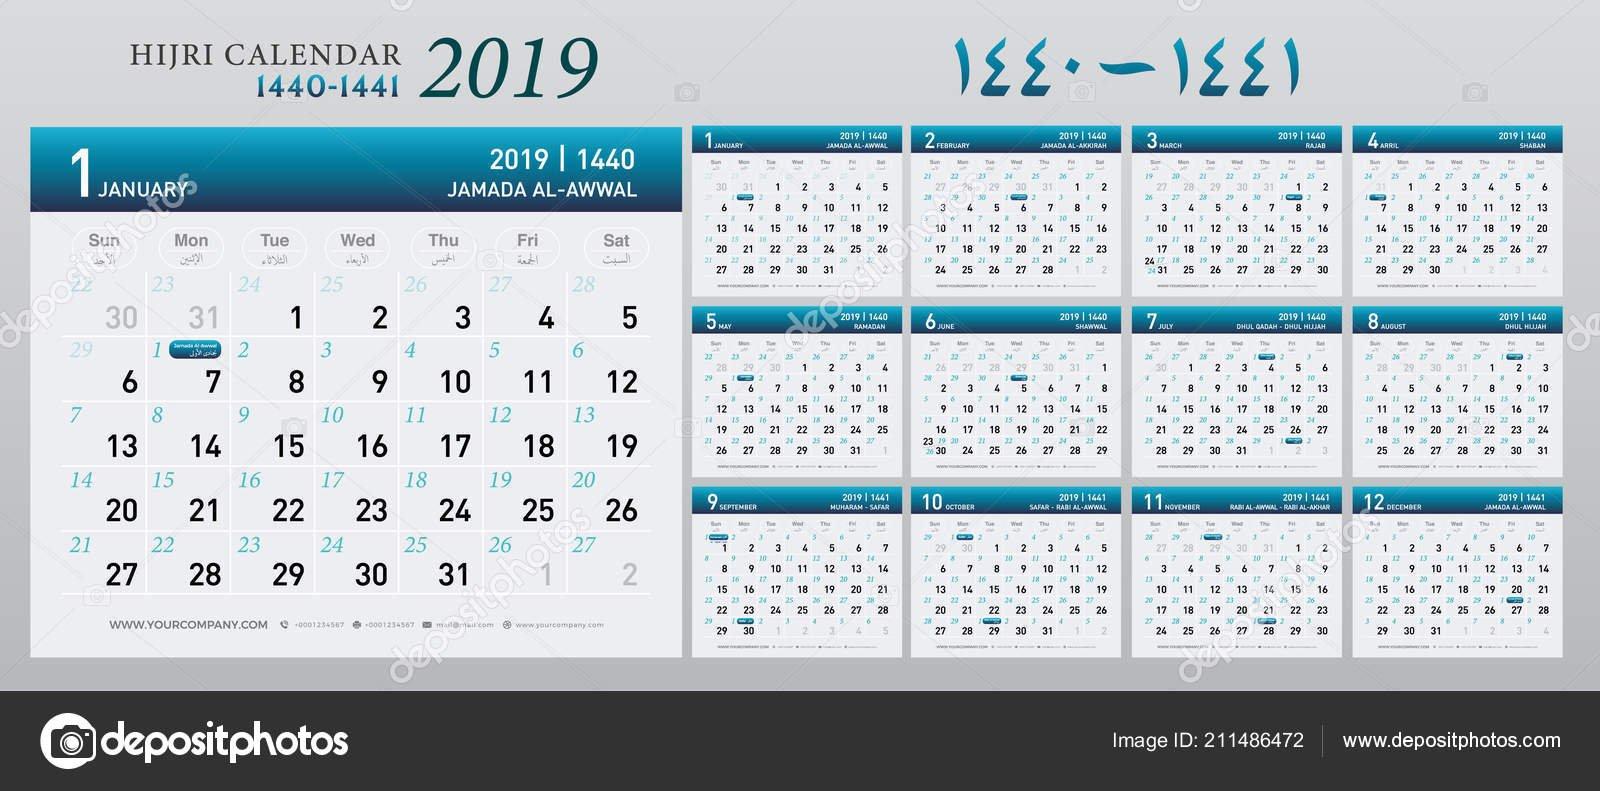 Calendar 2019 Hijri 1440 1441 Islamic Template Simple Minimal Wall 2019 Calendar 1440